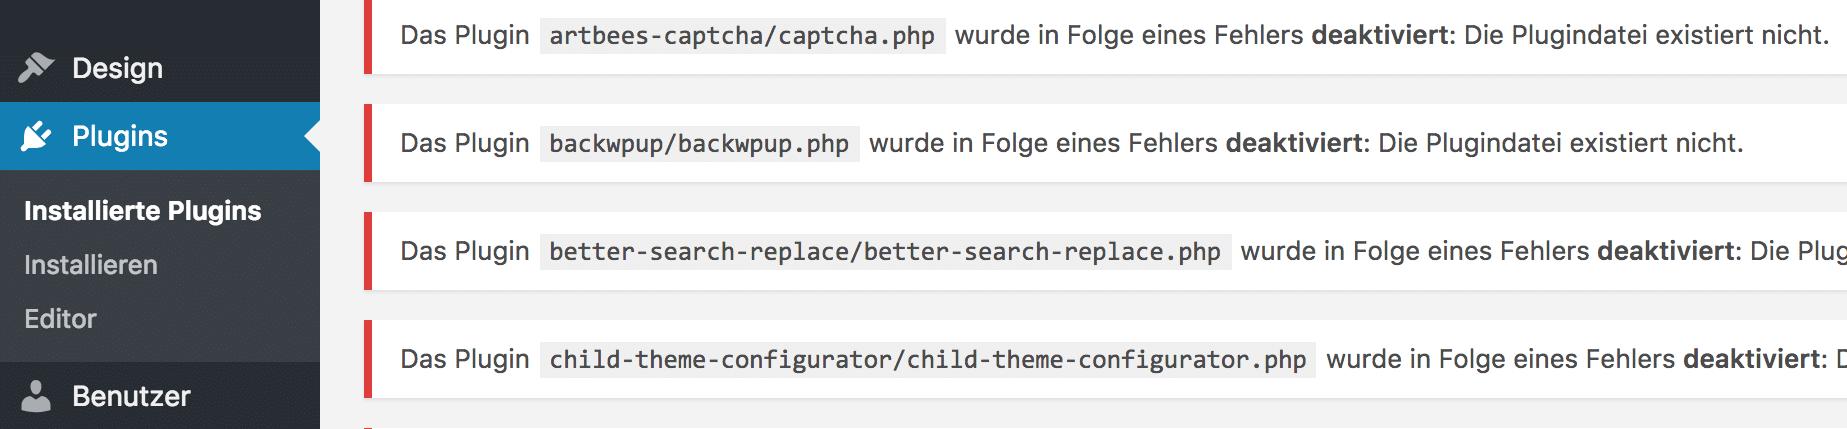 WordPress Plugins automatische Deaktivierung